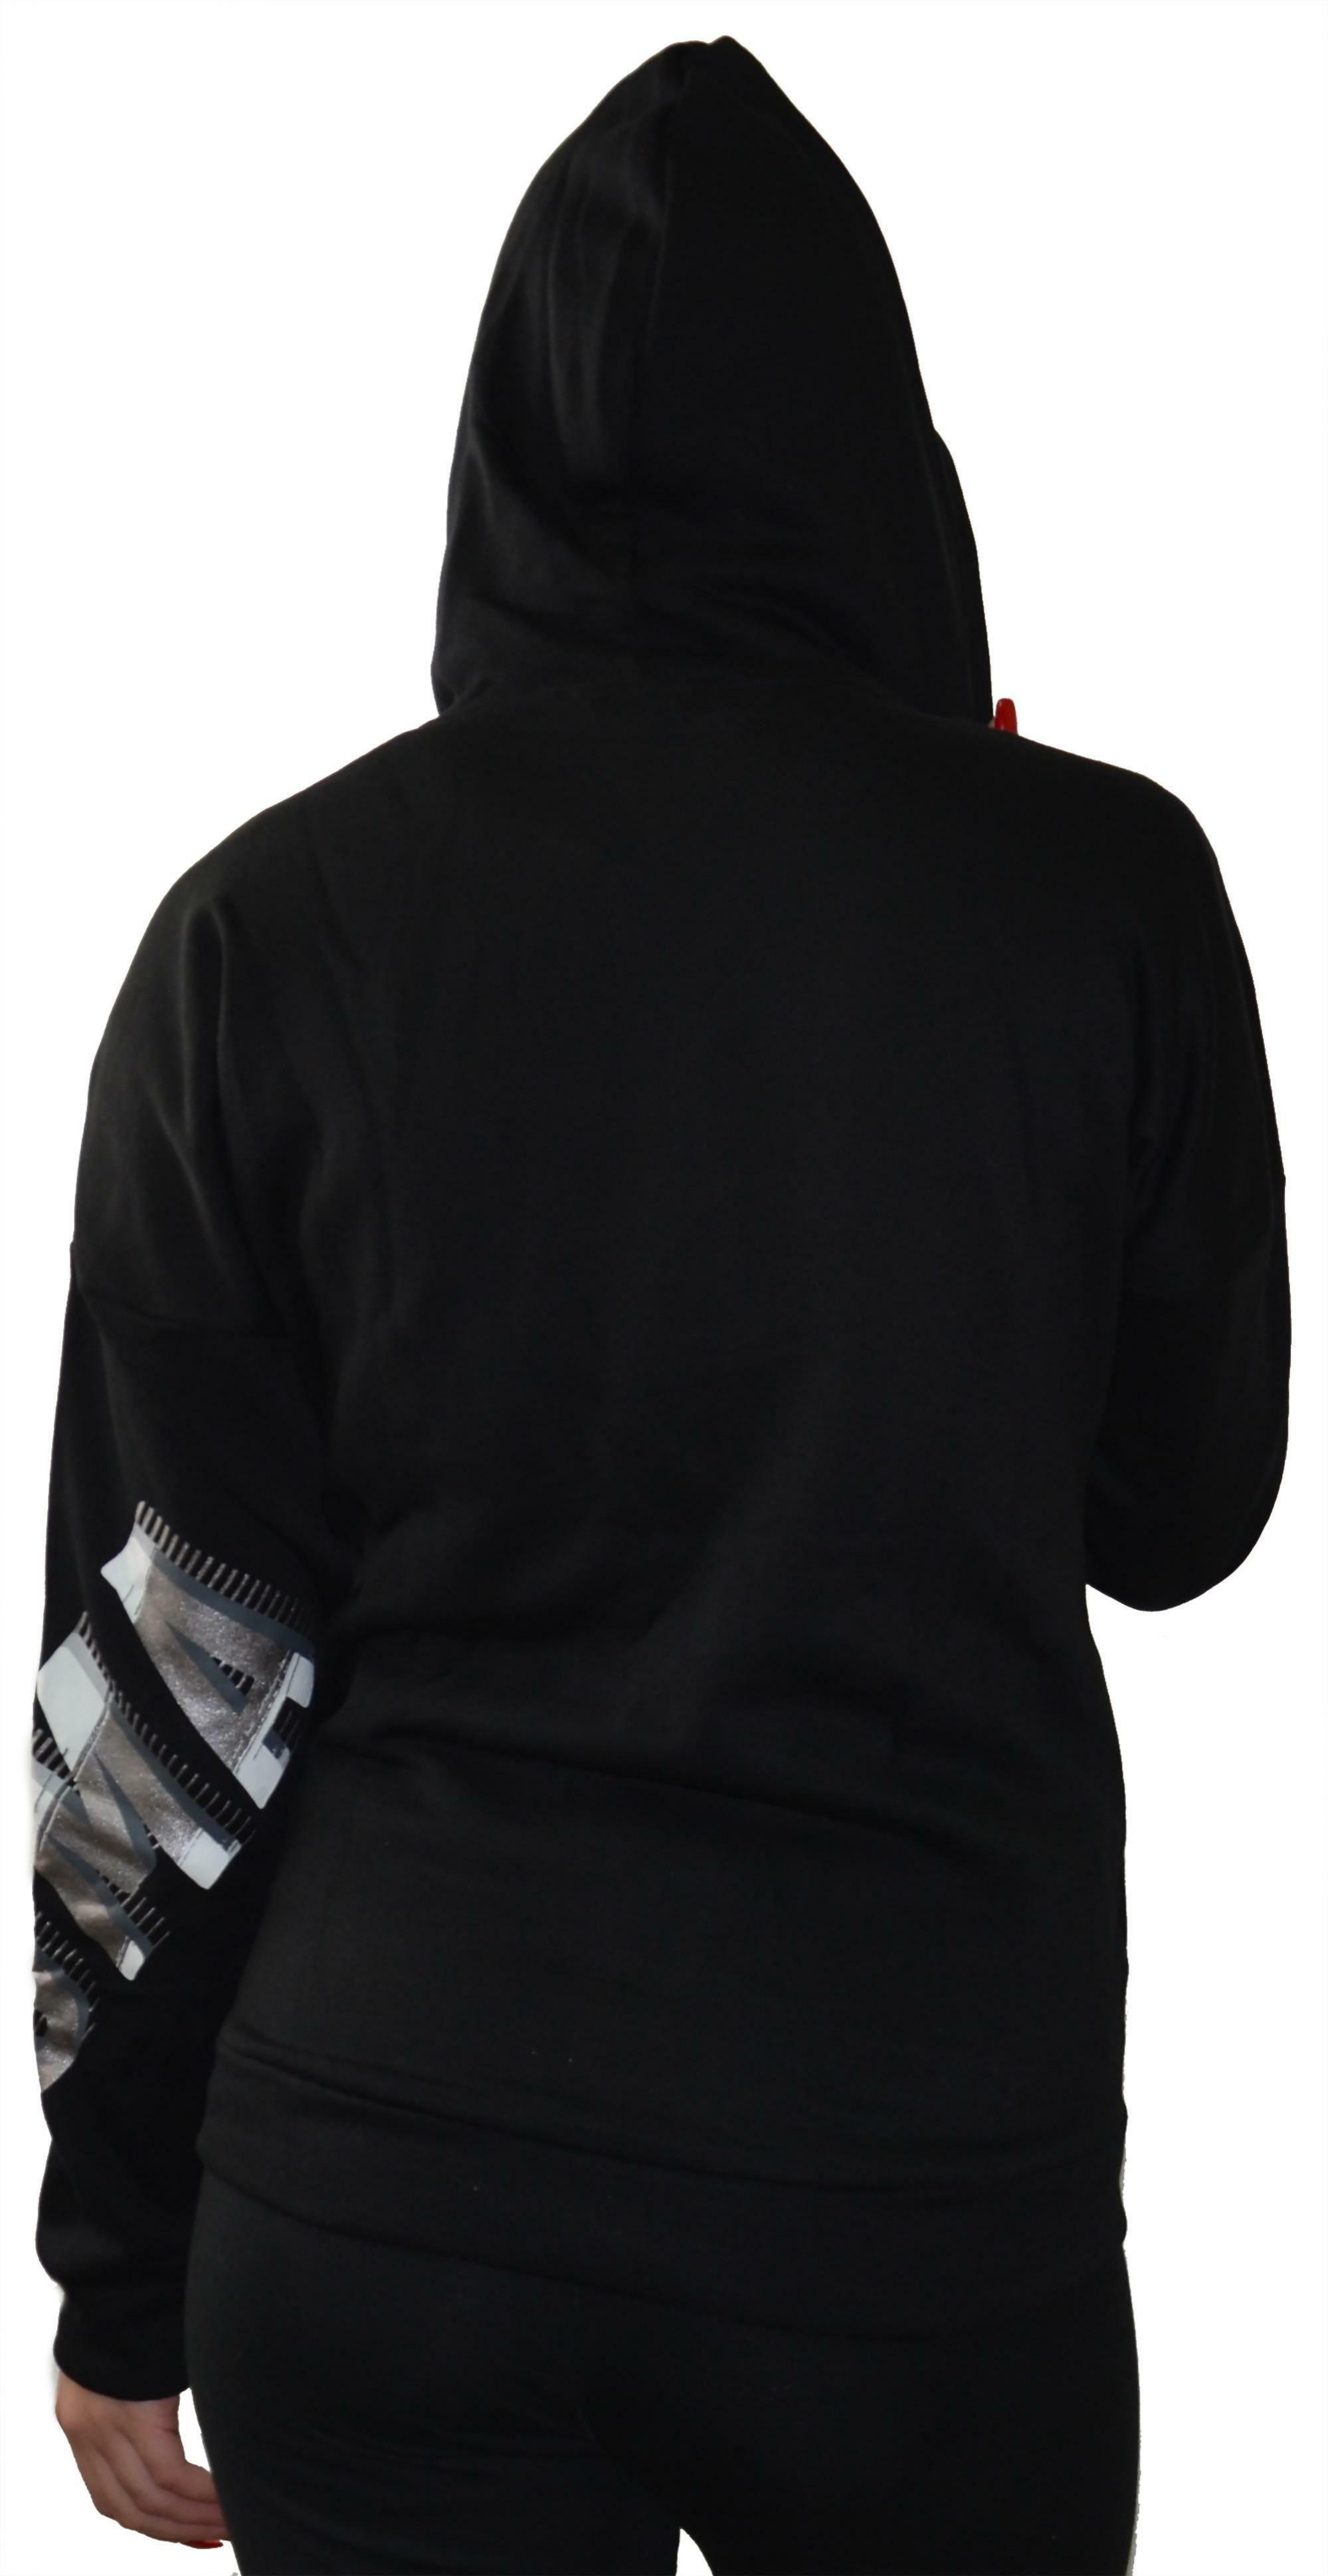 puma giacchetto bambina nero 85183501